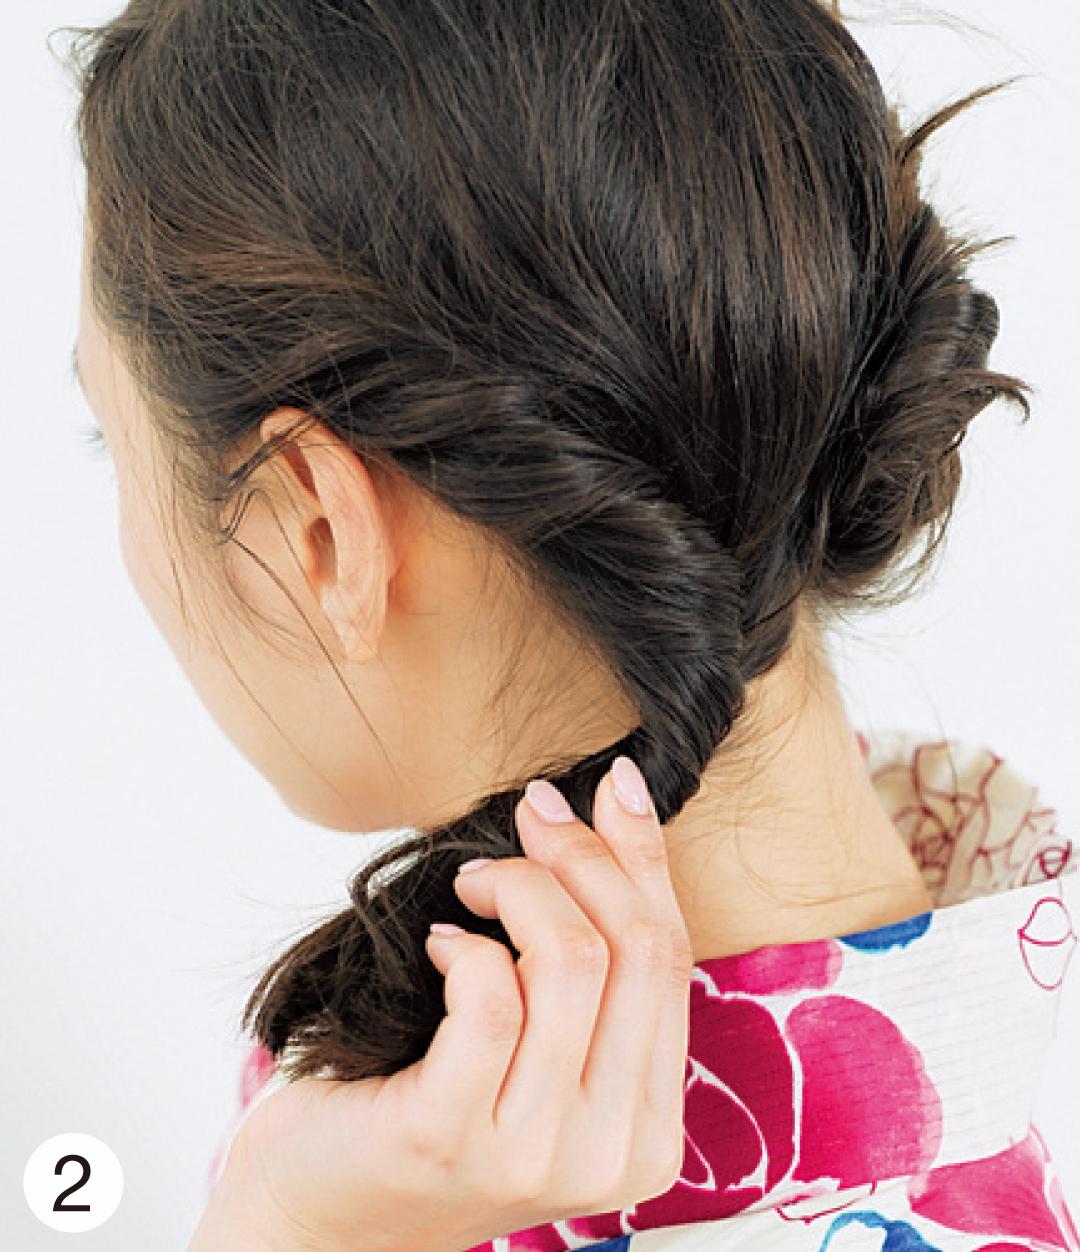 ねじったら固定、また毛束をすくいねじったら固定、を繰り返し、えり足まで。そのあとは、毛束を1つにまとめ、毛先までねじる。